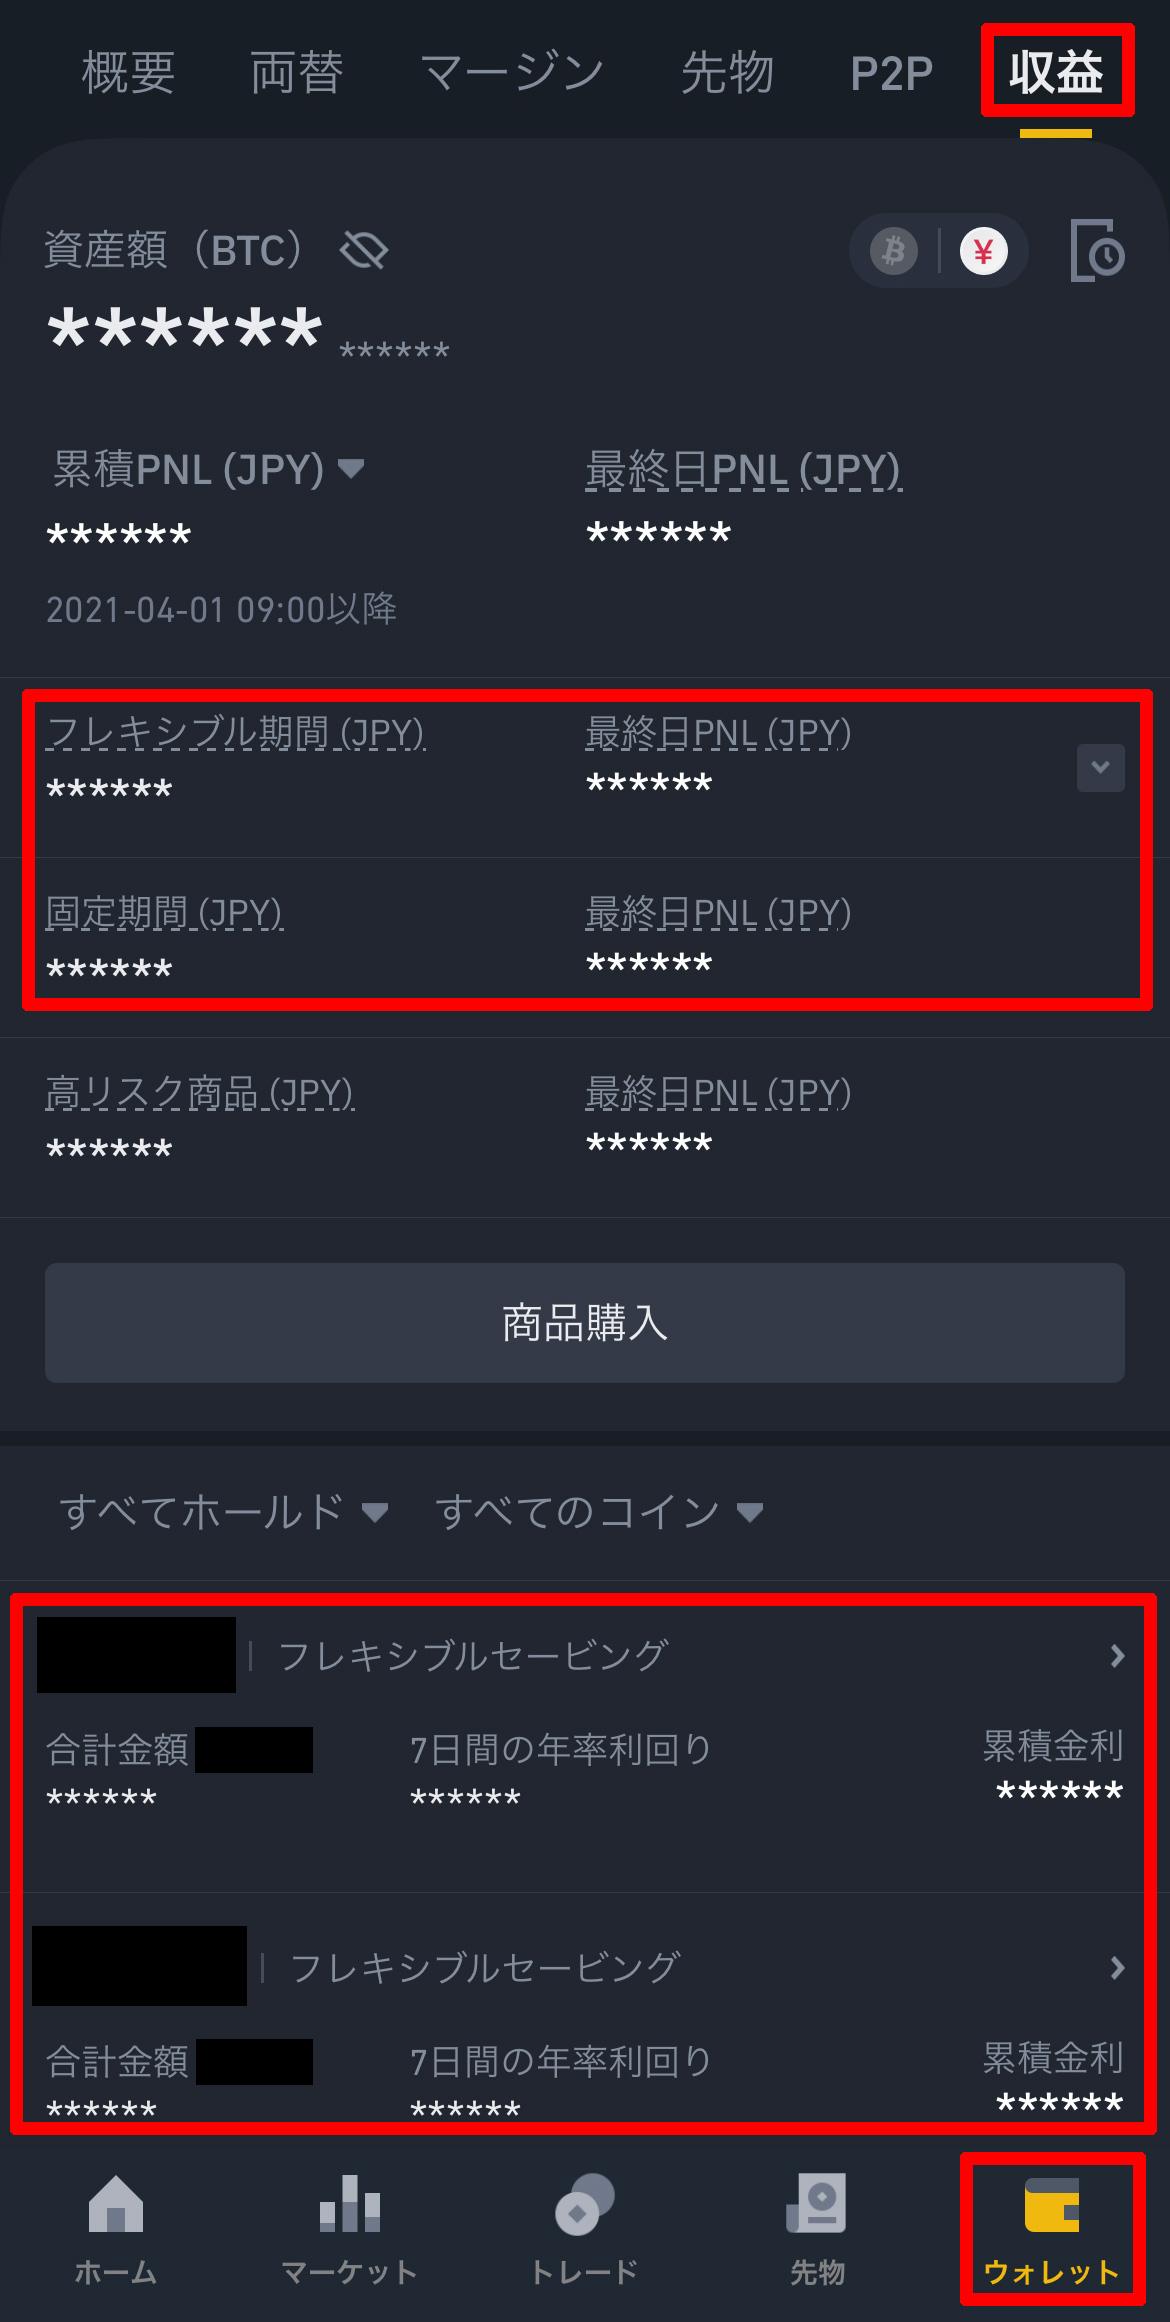 アプリ右下に表示されている「ウォレット」のボタンをタップして「収益」のページに移動することによって収益の確認が可能